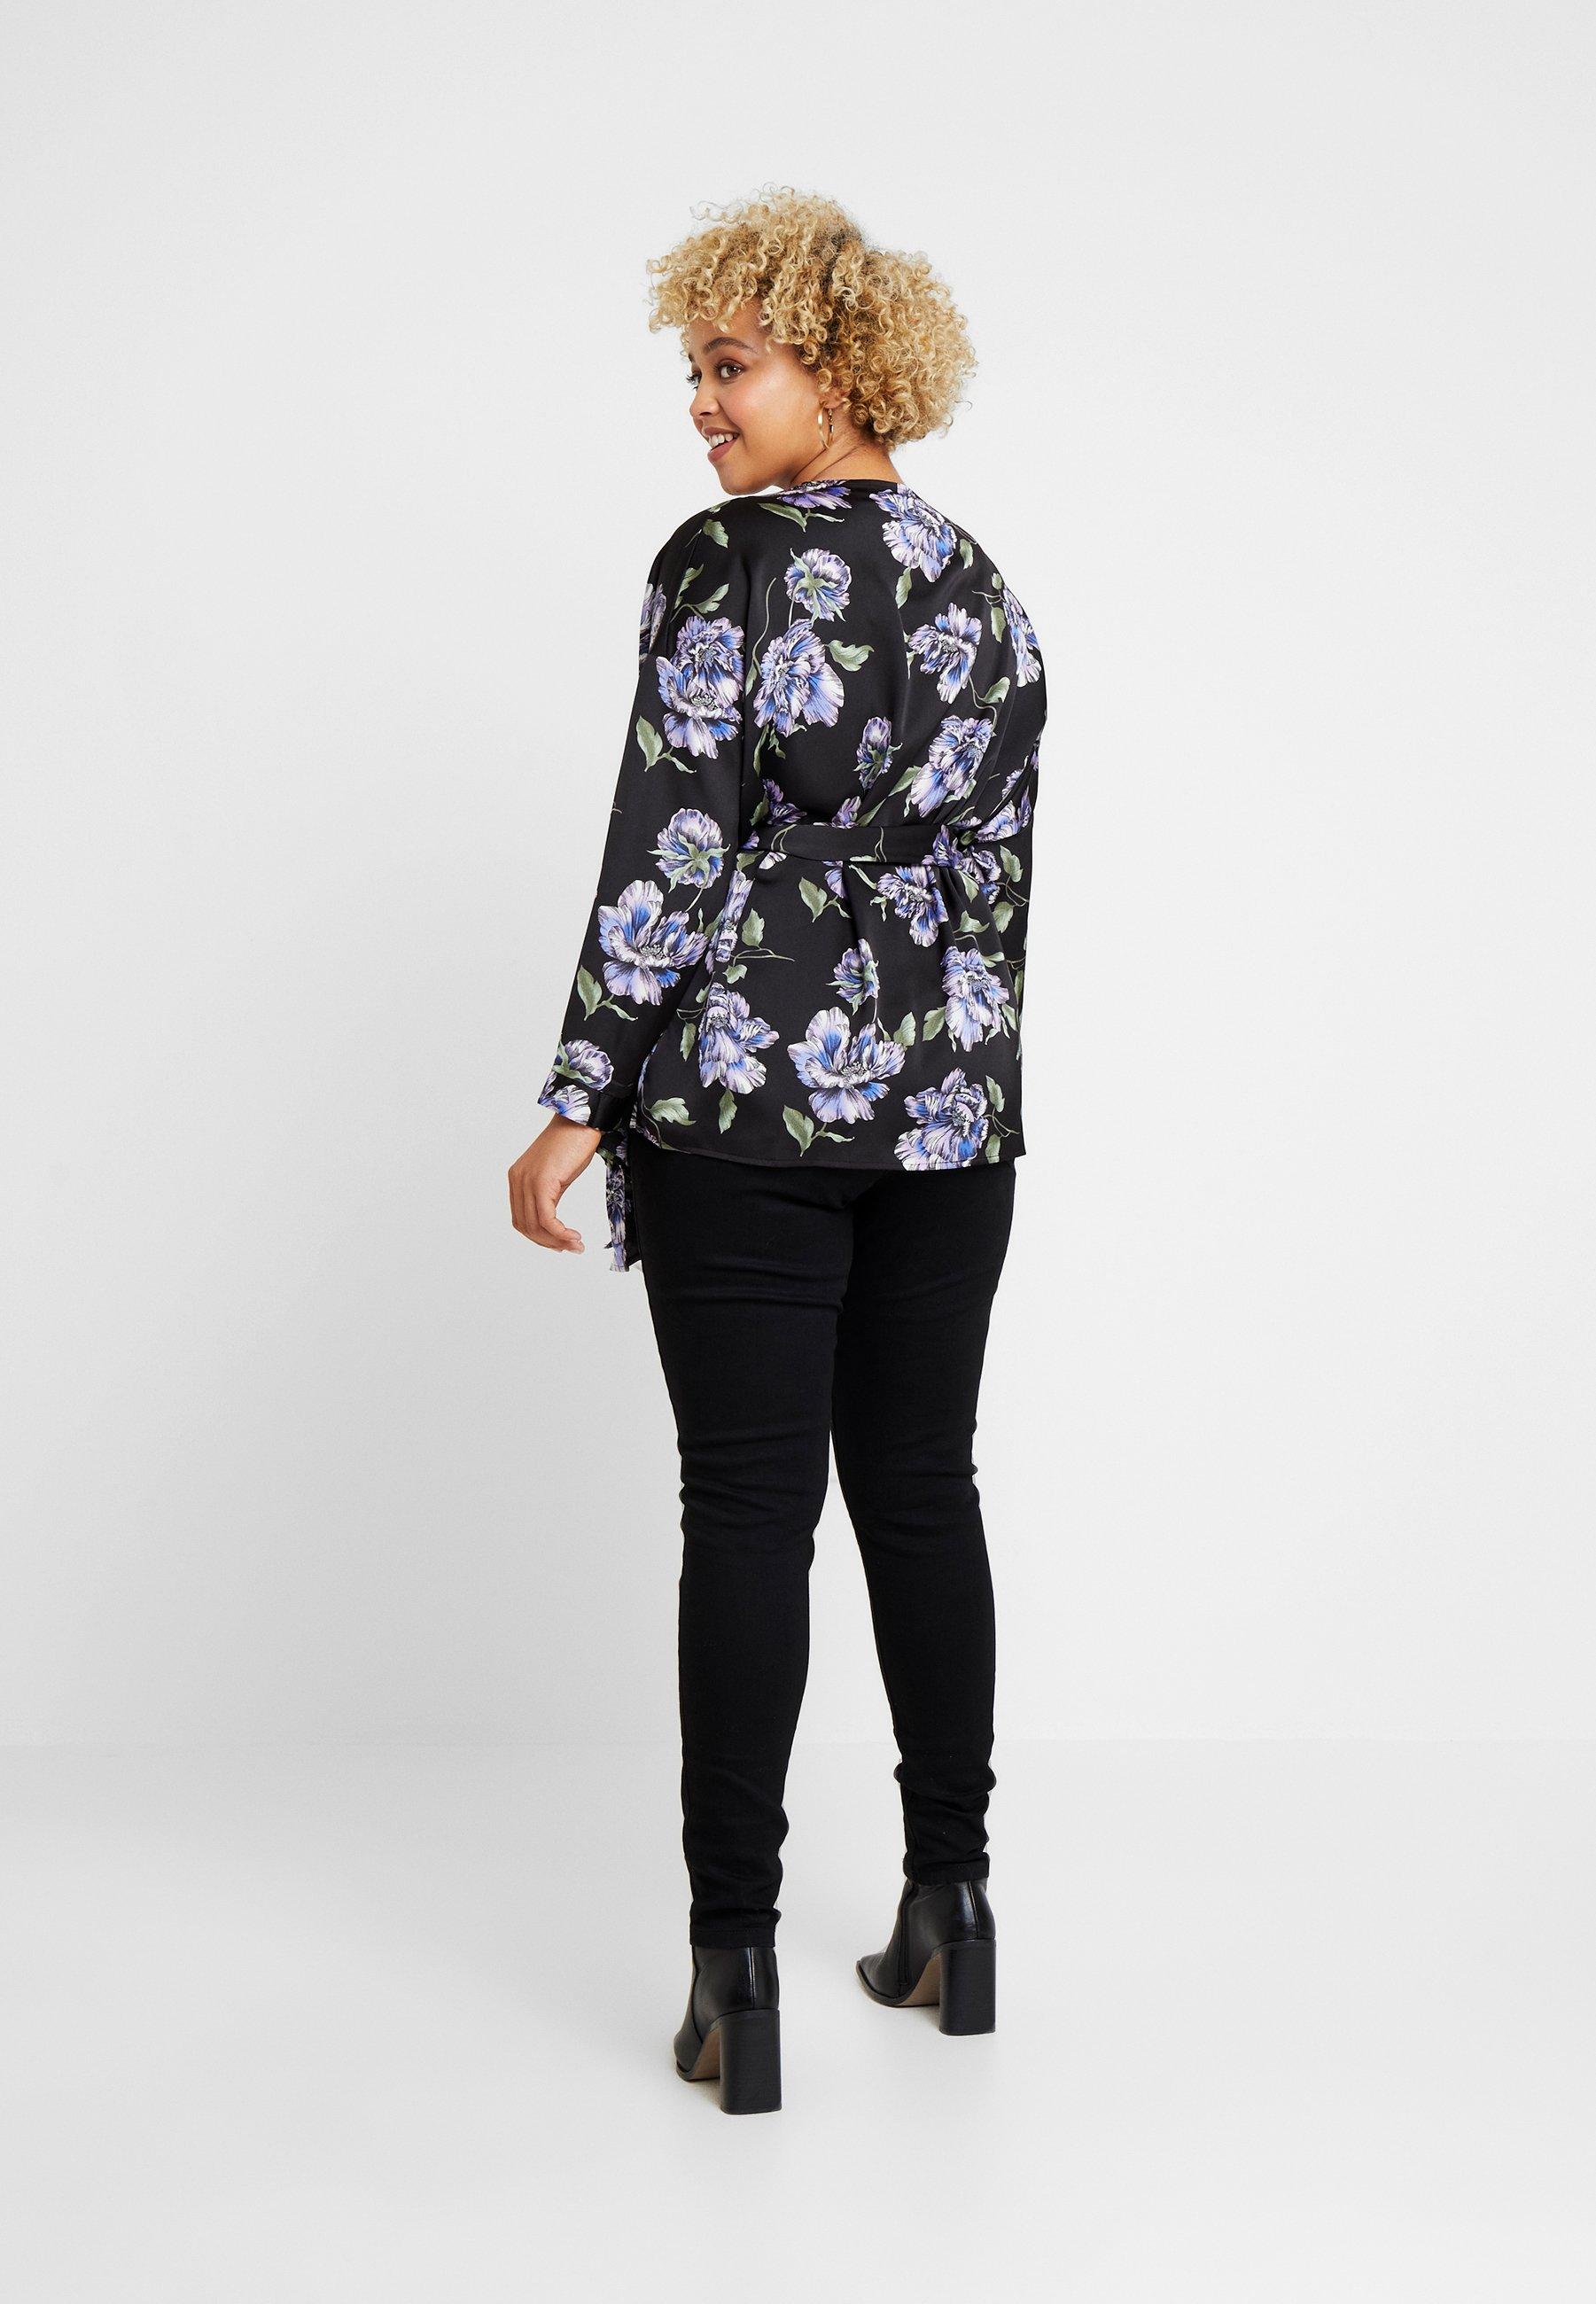 Jeans Capsule Simply Be By SkinnyBlack c4Rq5AL3j